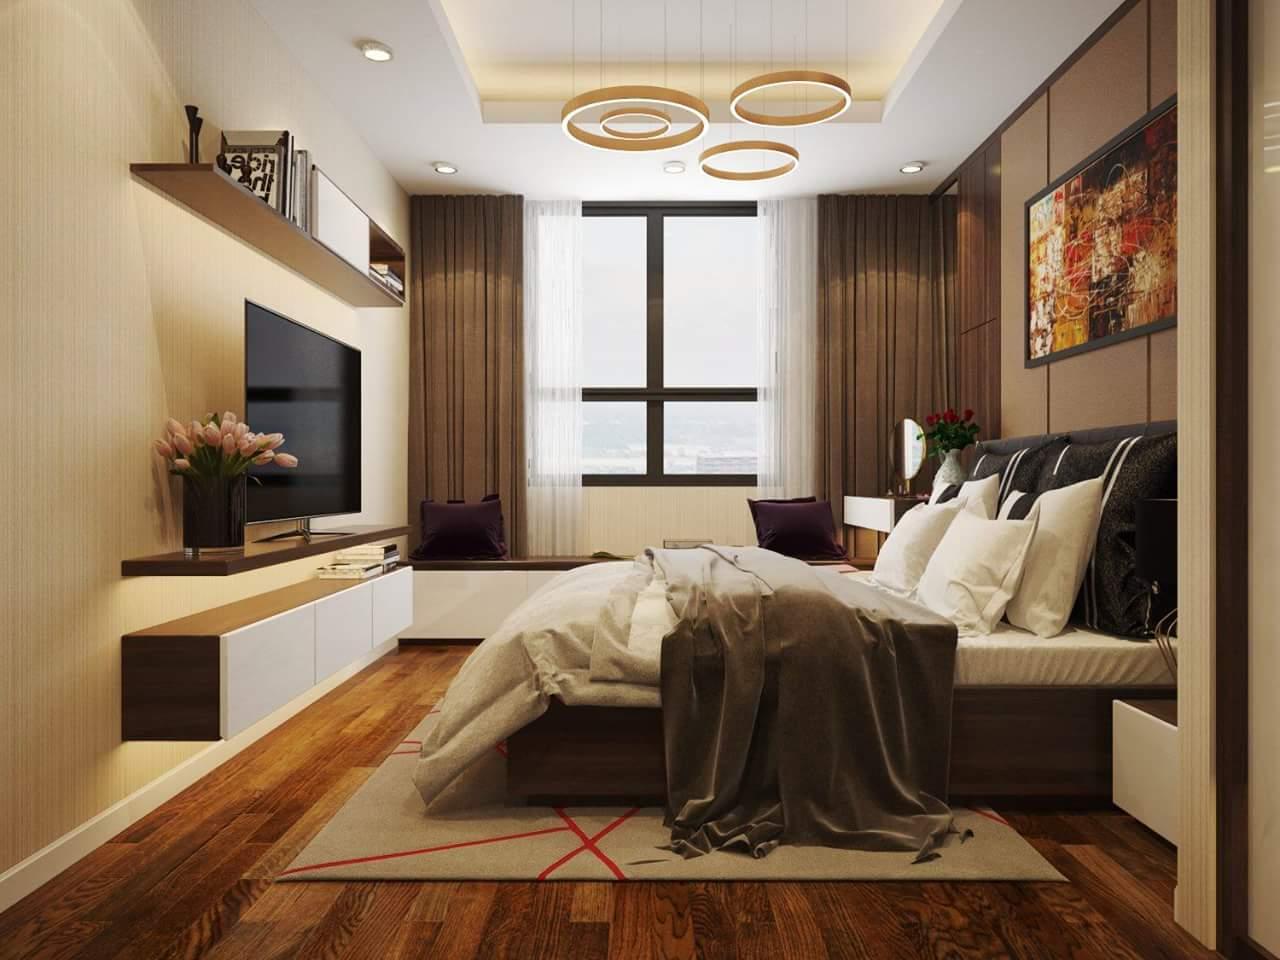 Tư vấn thiết kế nội thất căn hộ chung cư với diện tích (83m²) - Ảnh 12.